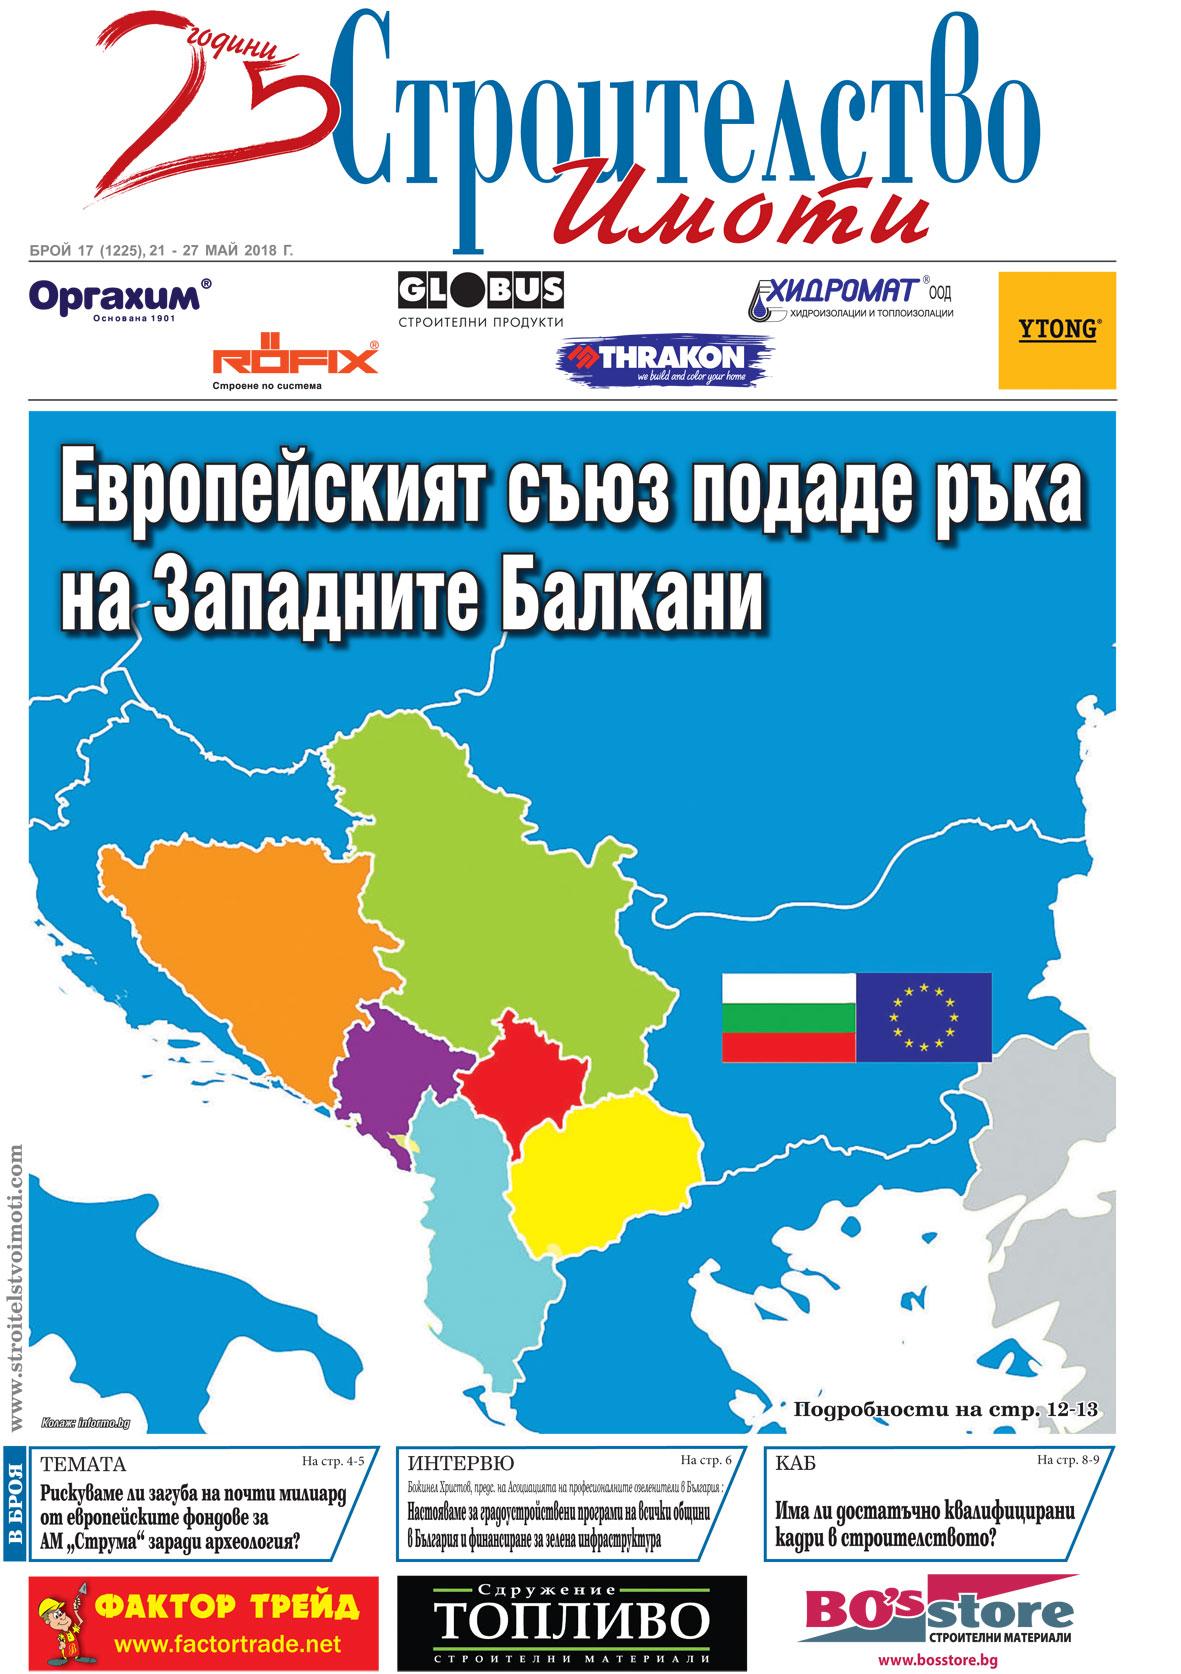 20052018_Stroimoti_017_001